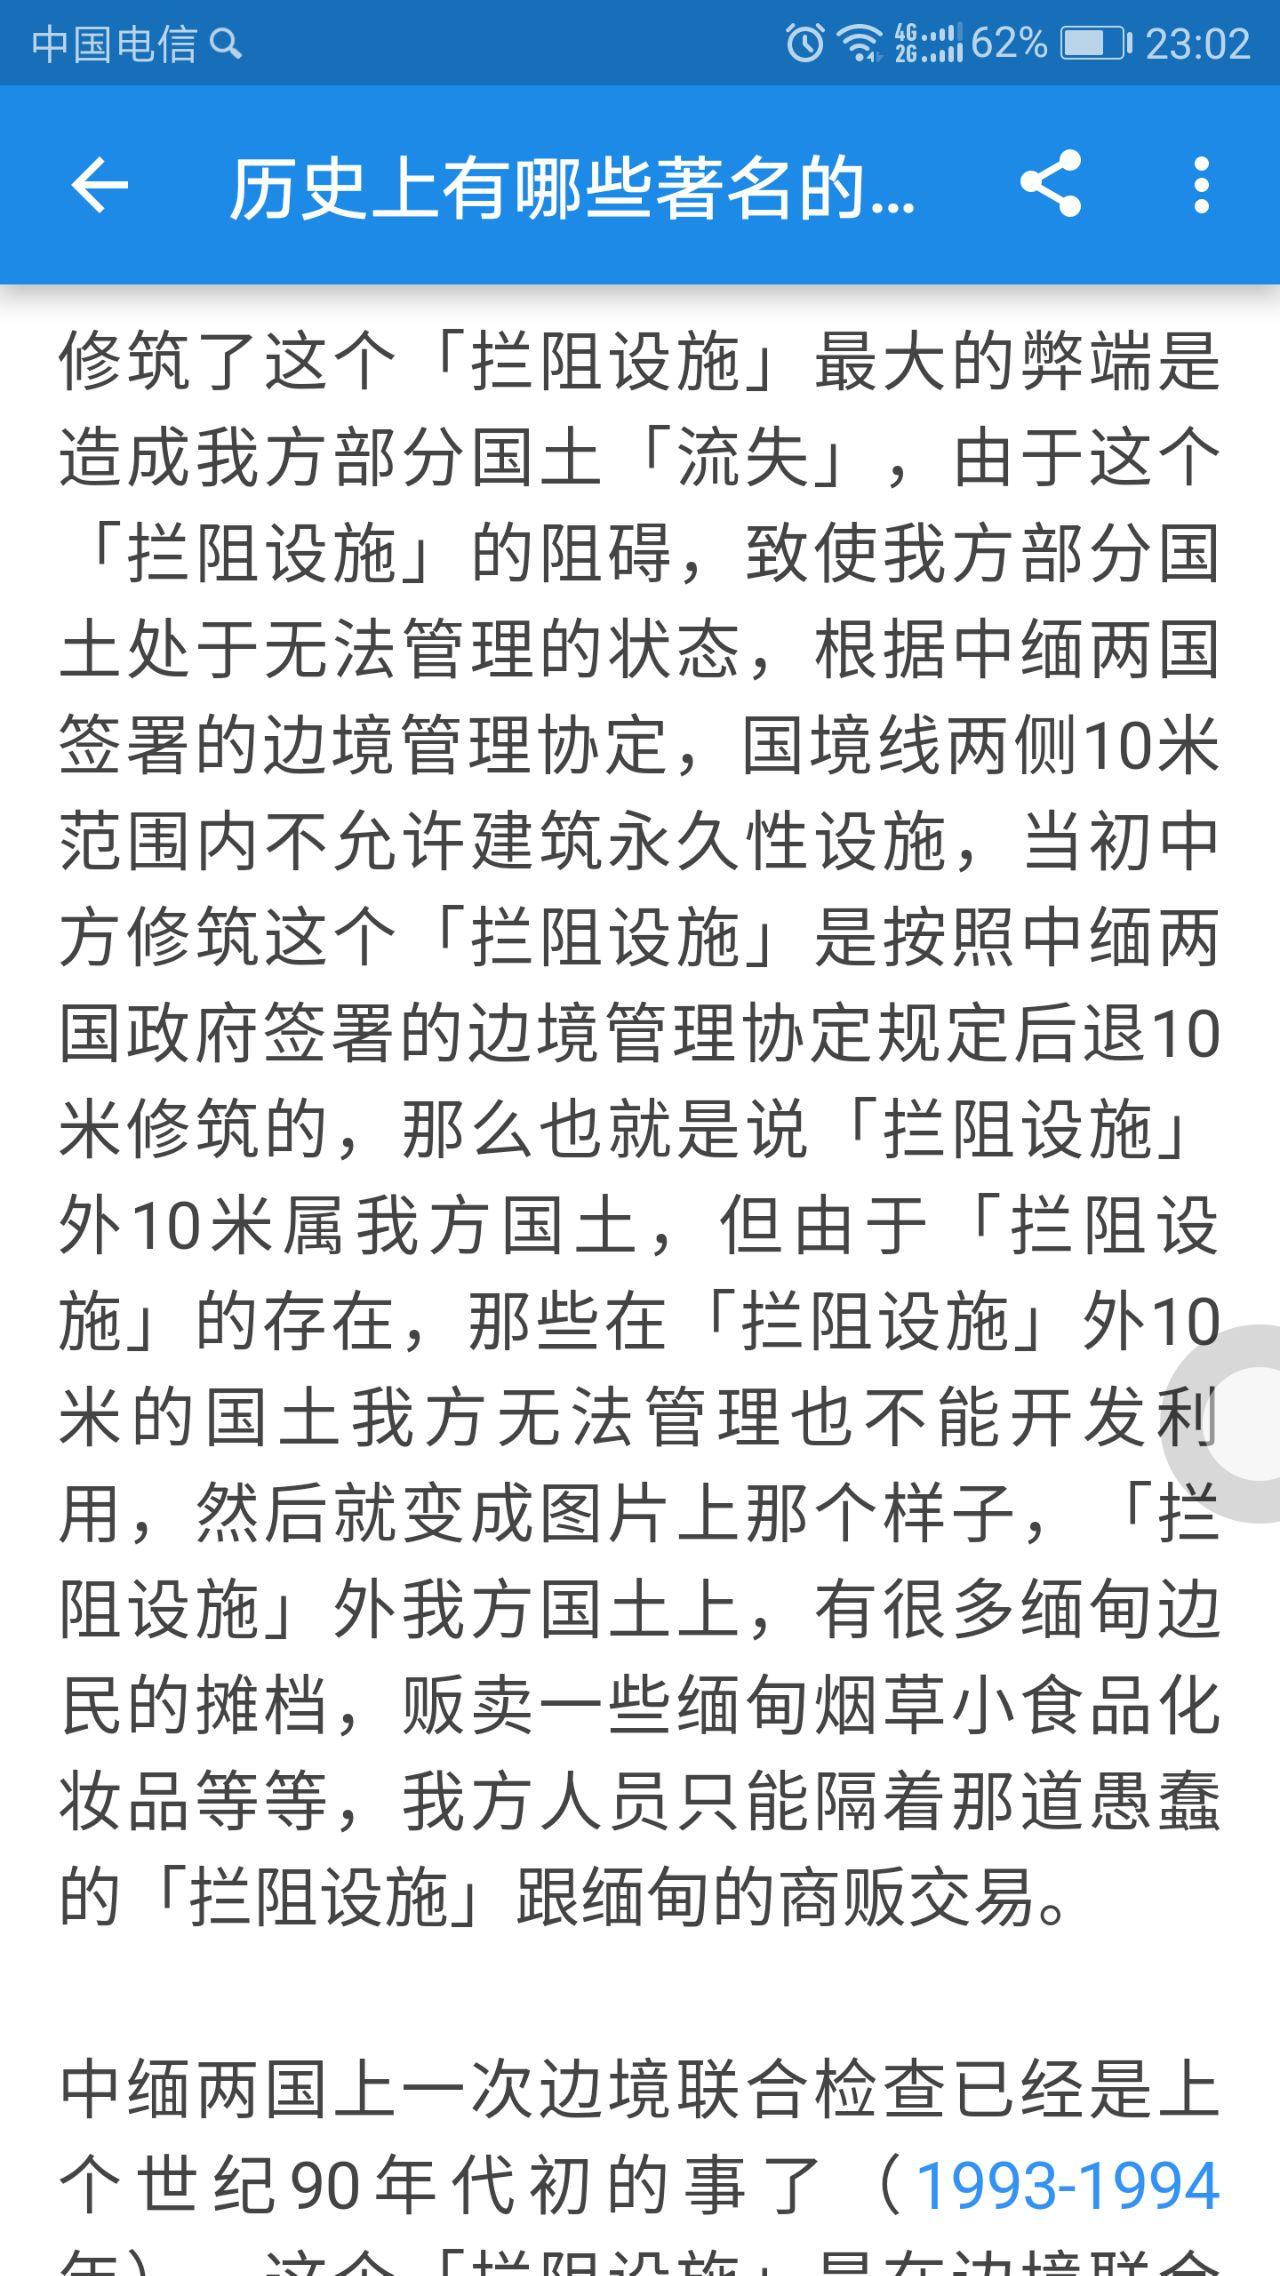 中国国境线边中国一侧连绵不停的铁丝网到底为什么要修? 第3张图片